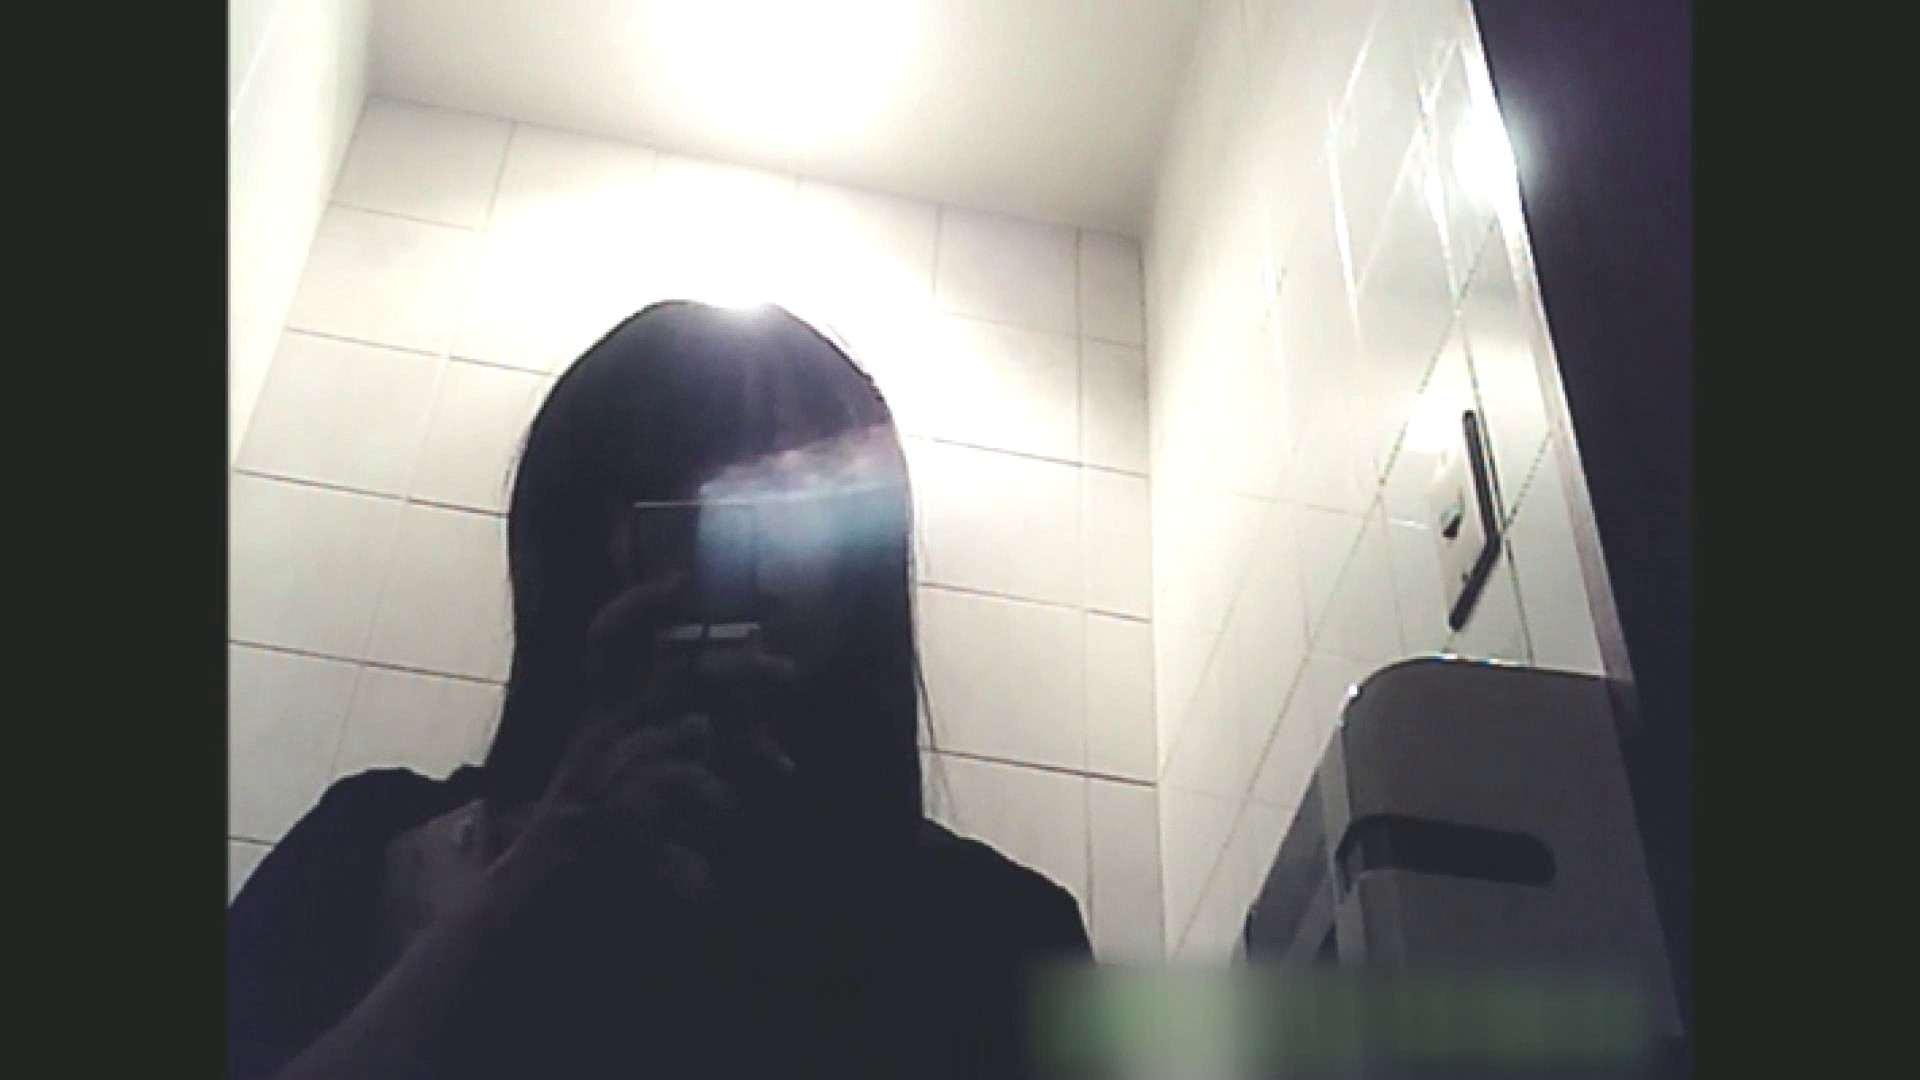 実録!!綺麗なお姉さんのトイレ事情・・・。vol.4 美女のヌード  105画像 4